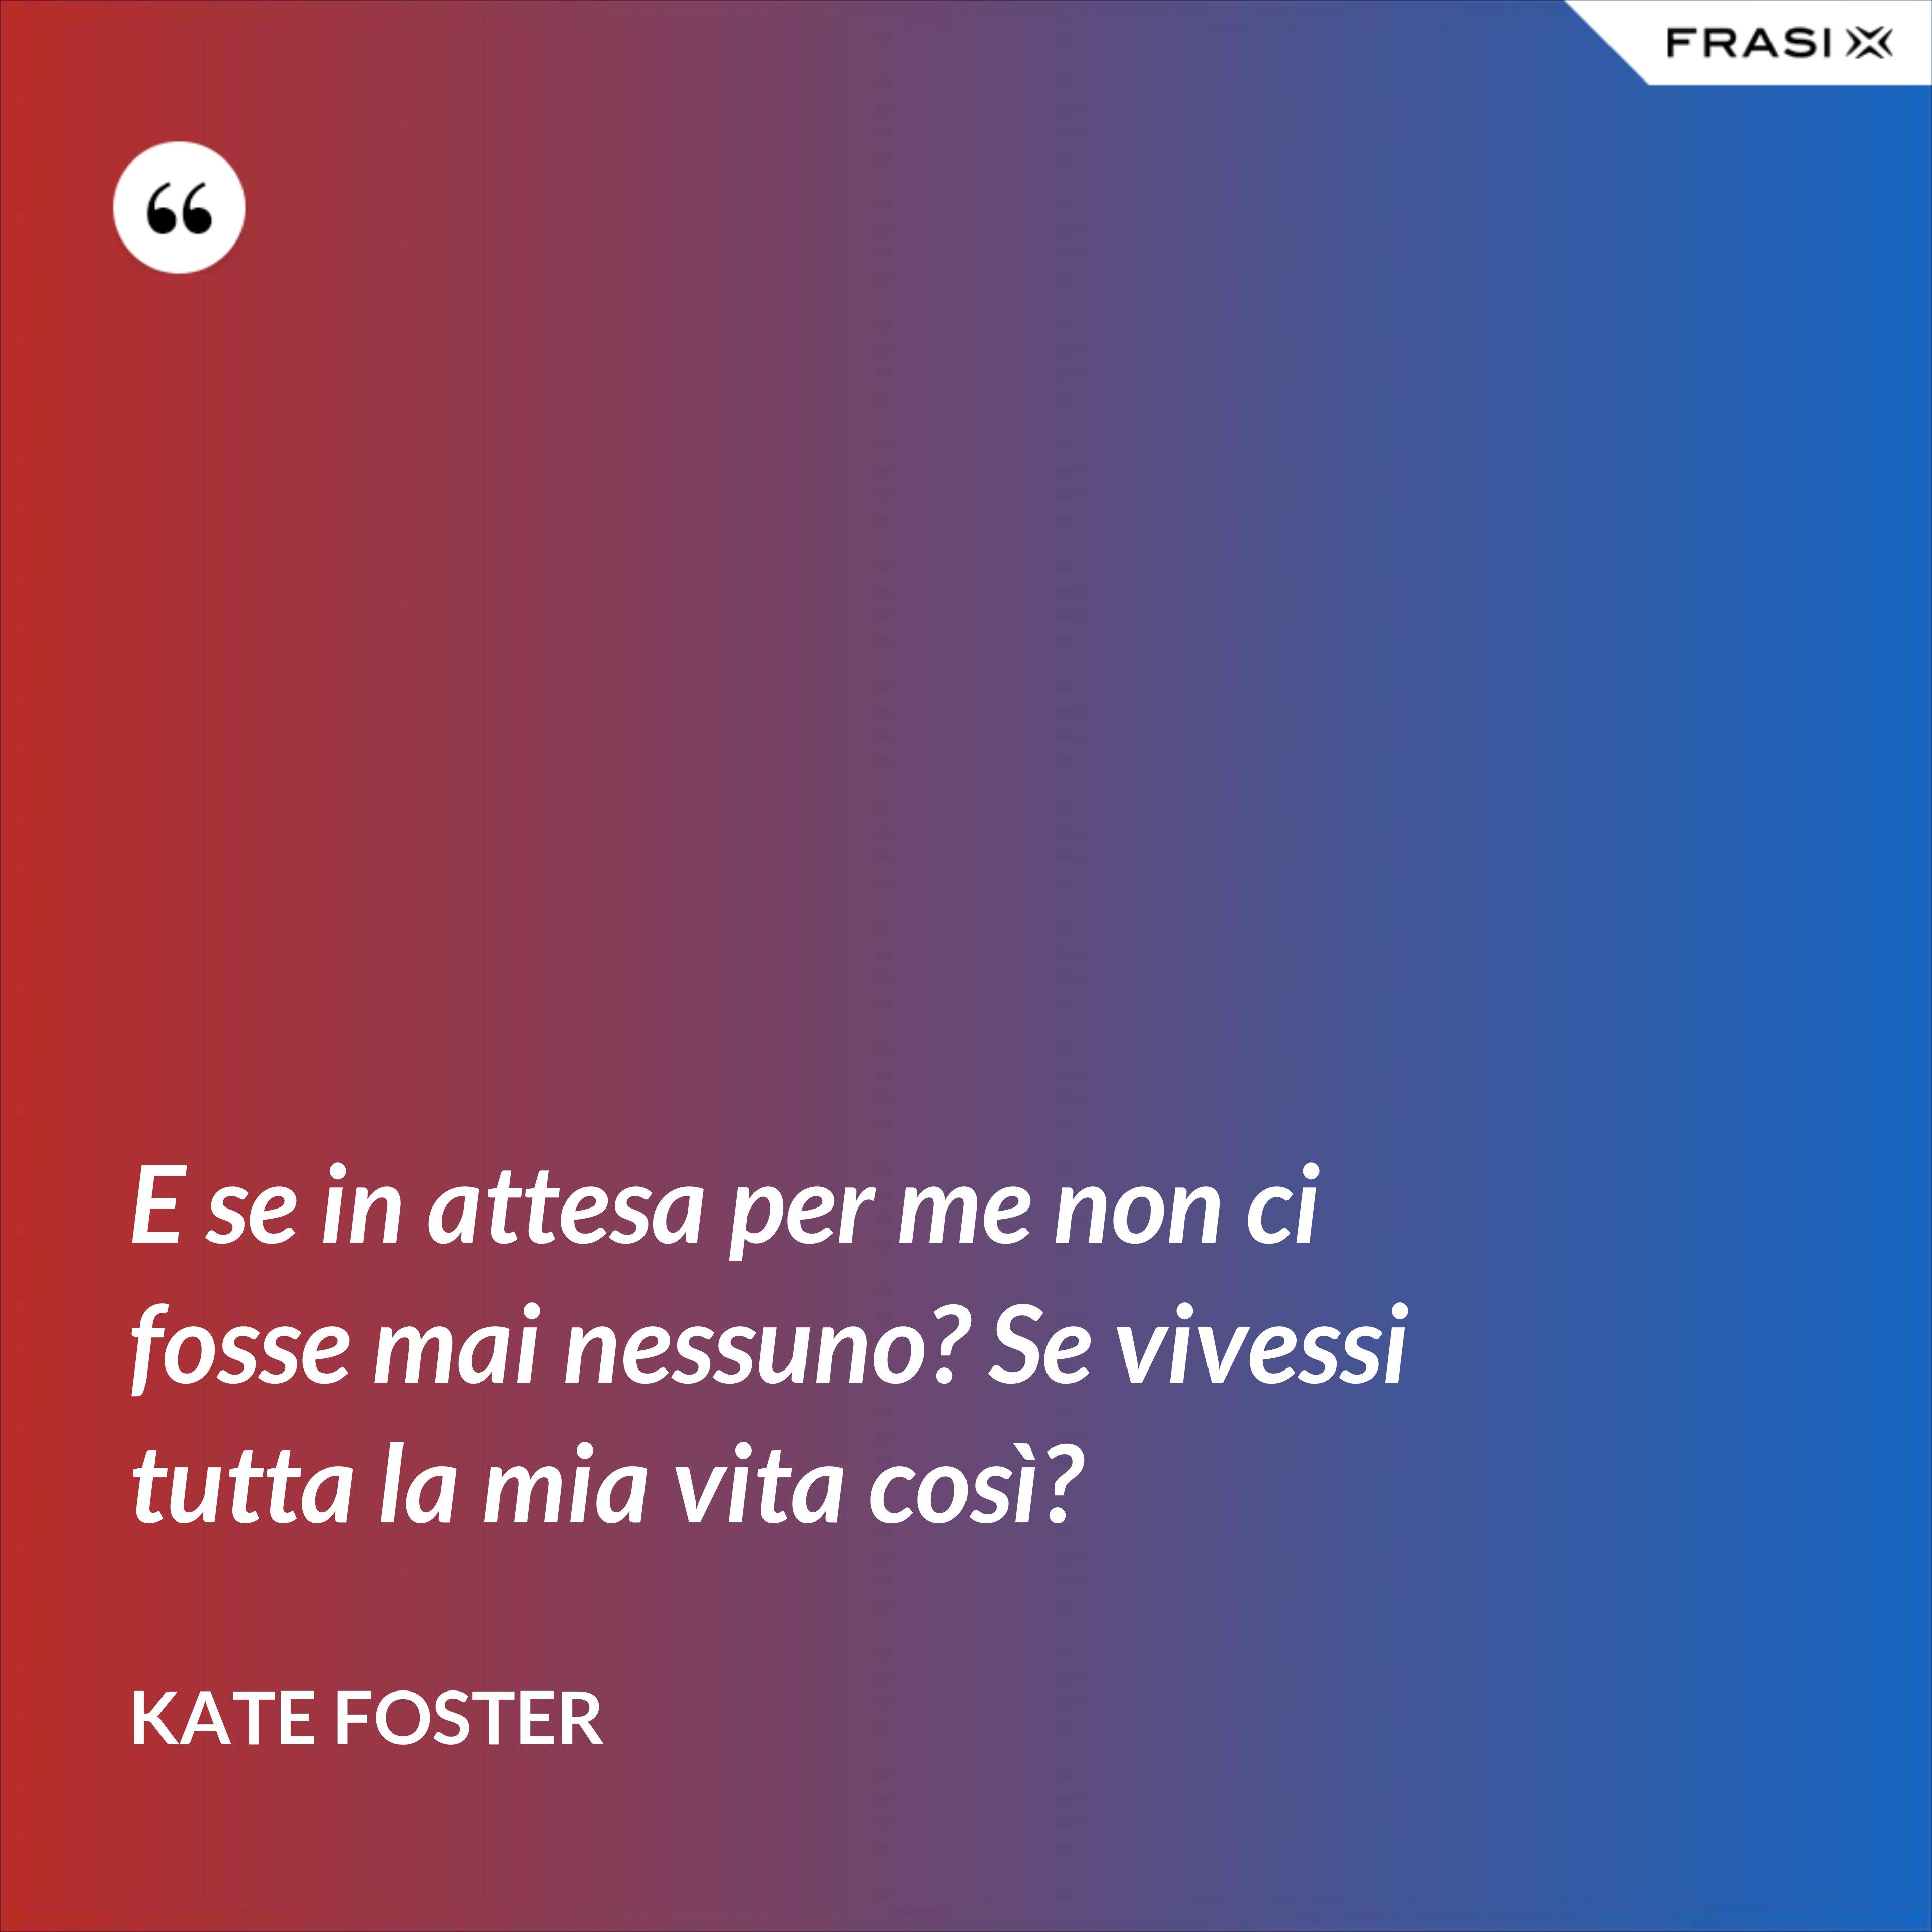 E se in attesa per me non ci fosse mai nessuno? Se vivessi tutta la mia vita così? - Kate Foster